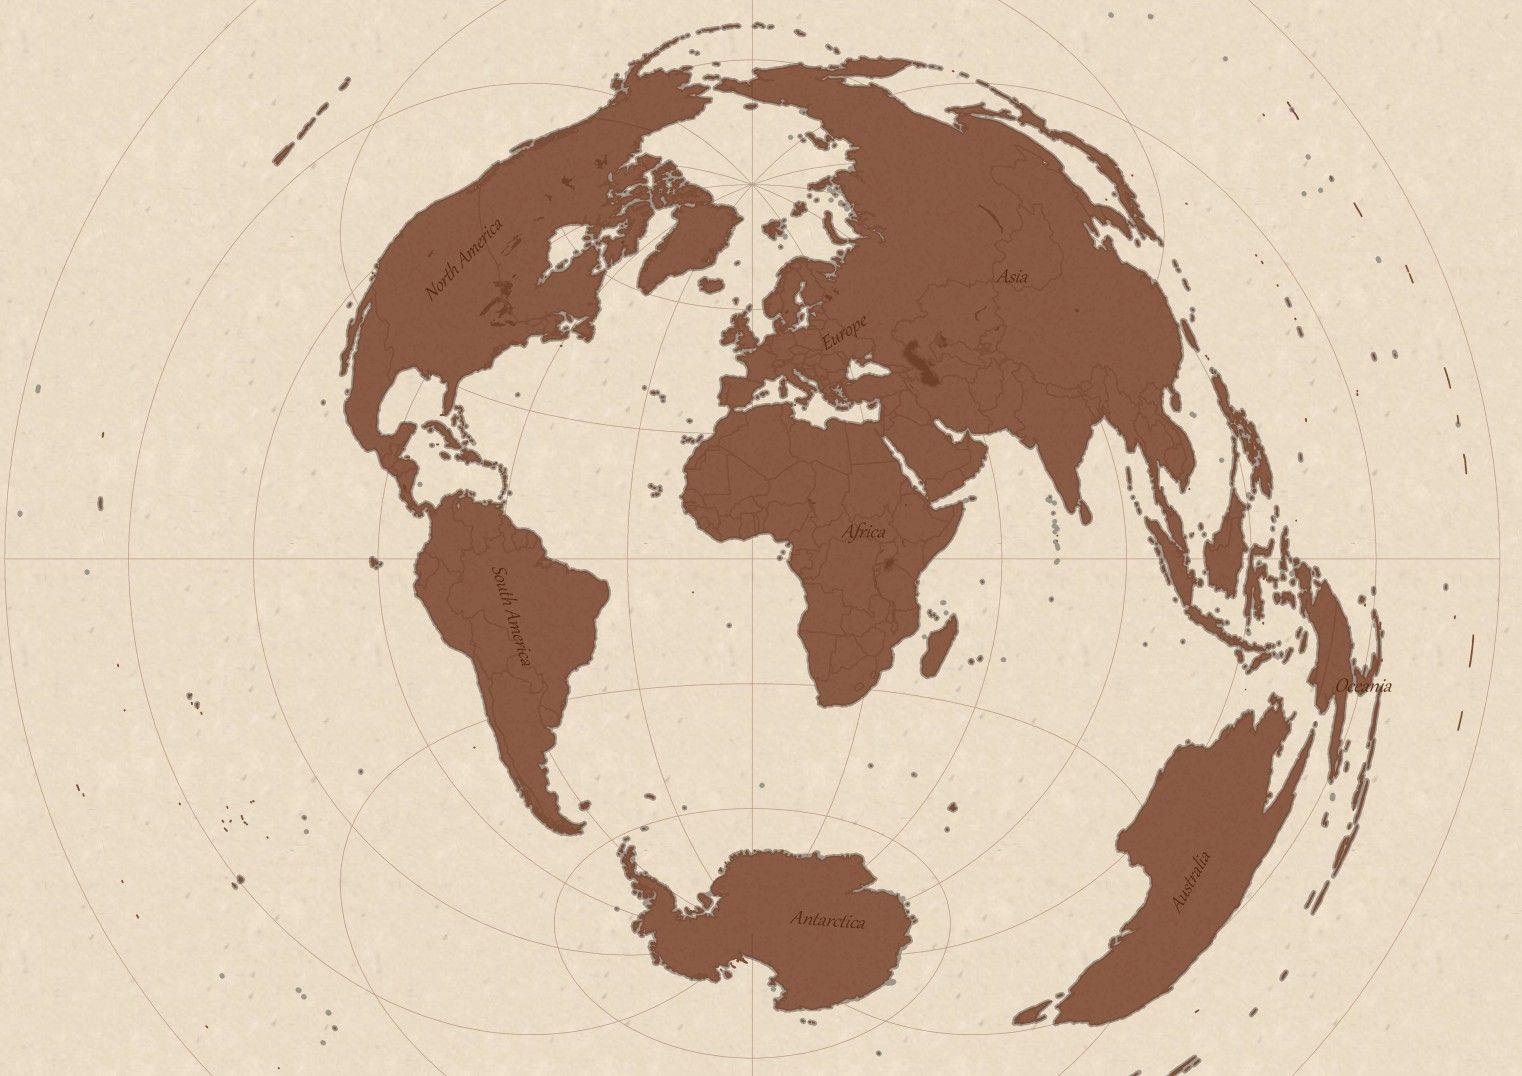 خريطة عتيقة للعالم Vintage Map Cartography Vintage